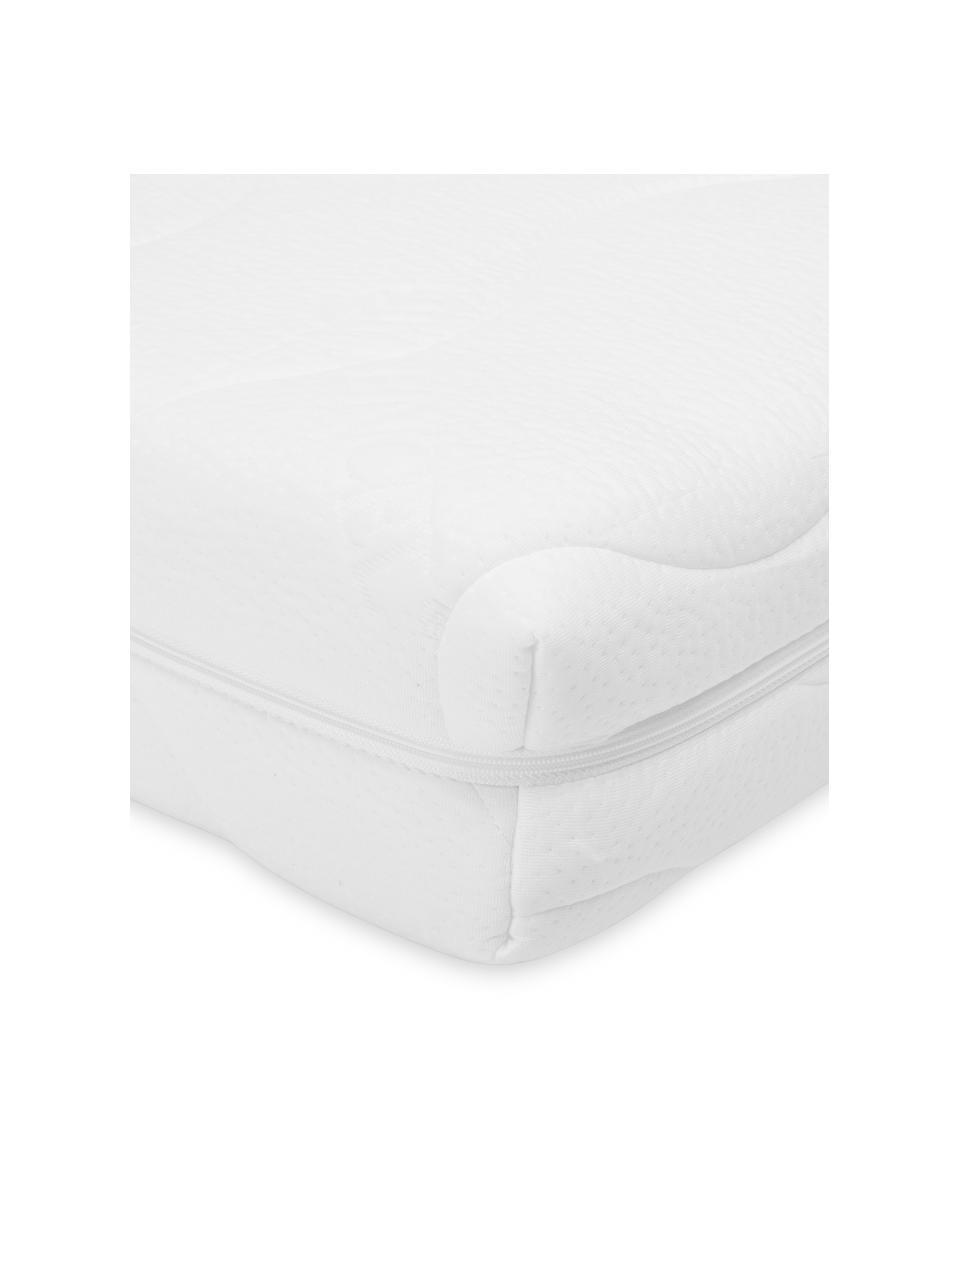 Materac z zimnej pianki Vital, Tapicerka: podwójny jersey z TENCEL®, Biały, S 90 x D 200 cm